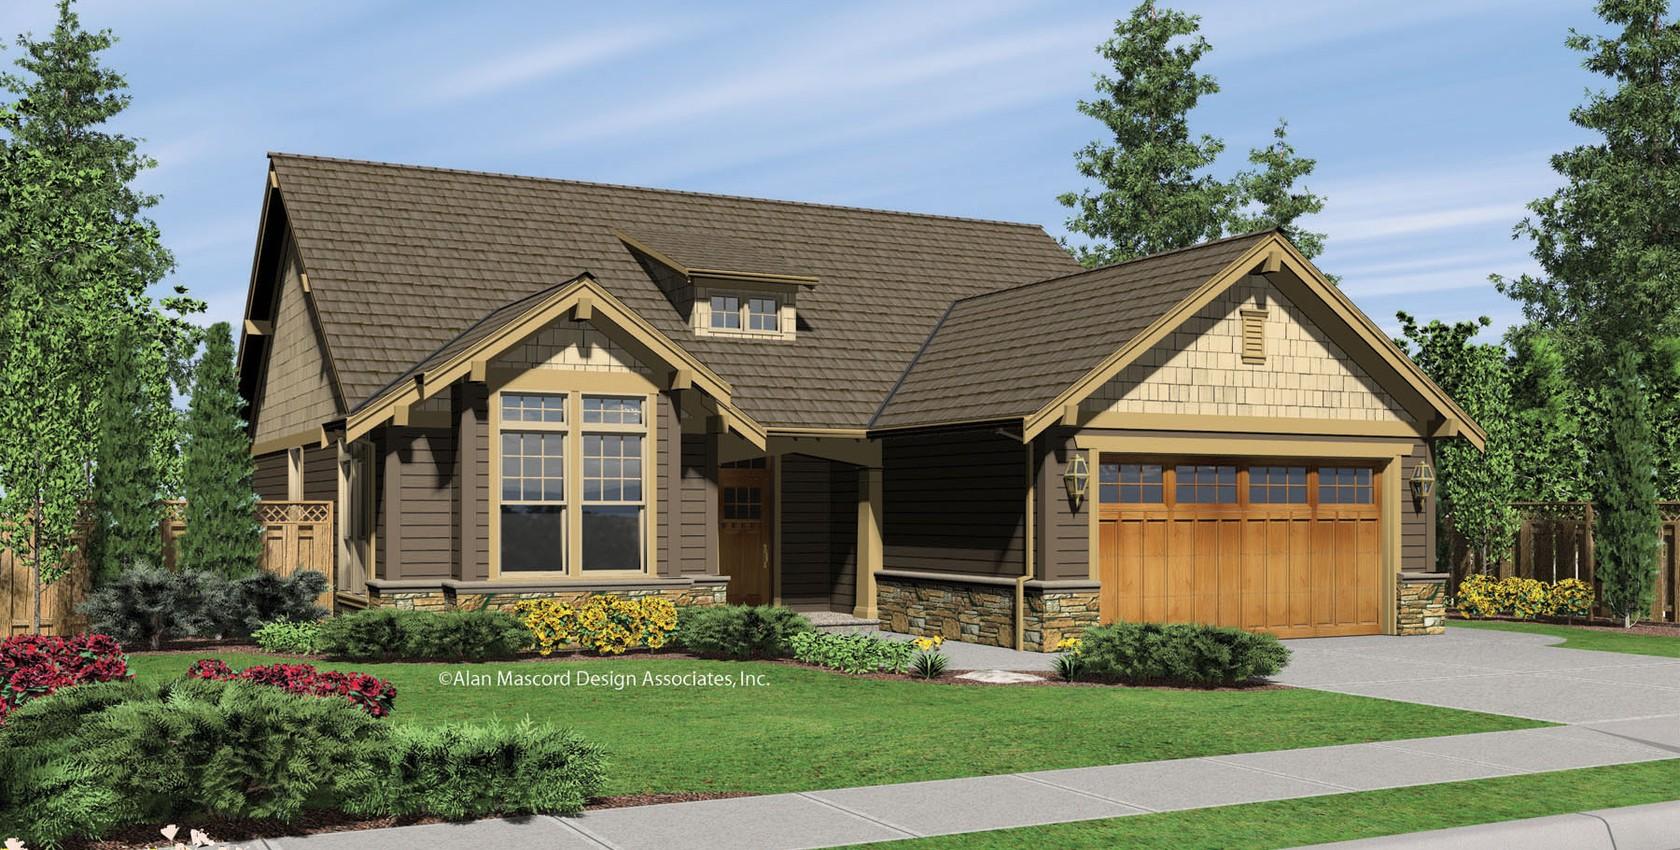 Image for Granville-Craftsman Style Cottage Plan-11